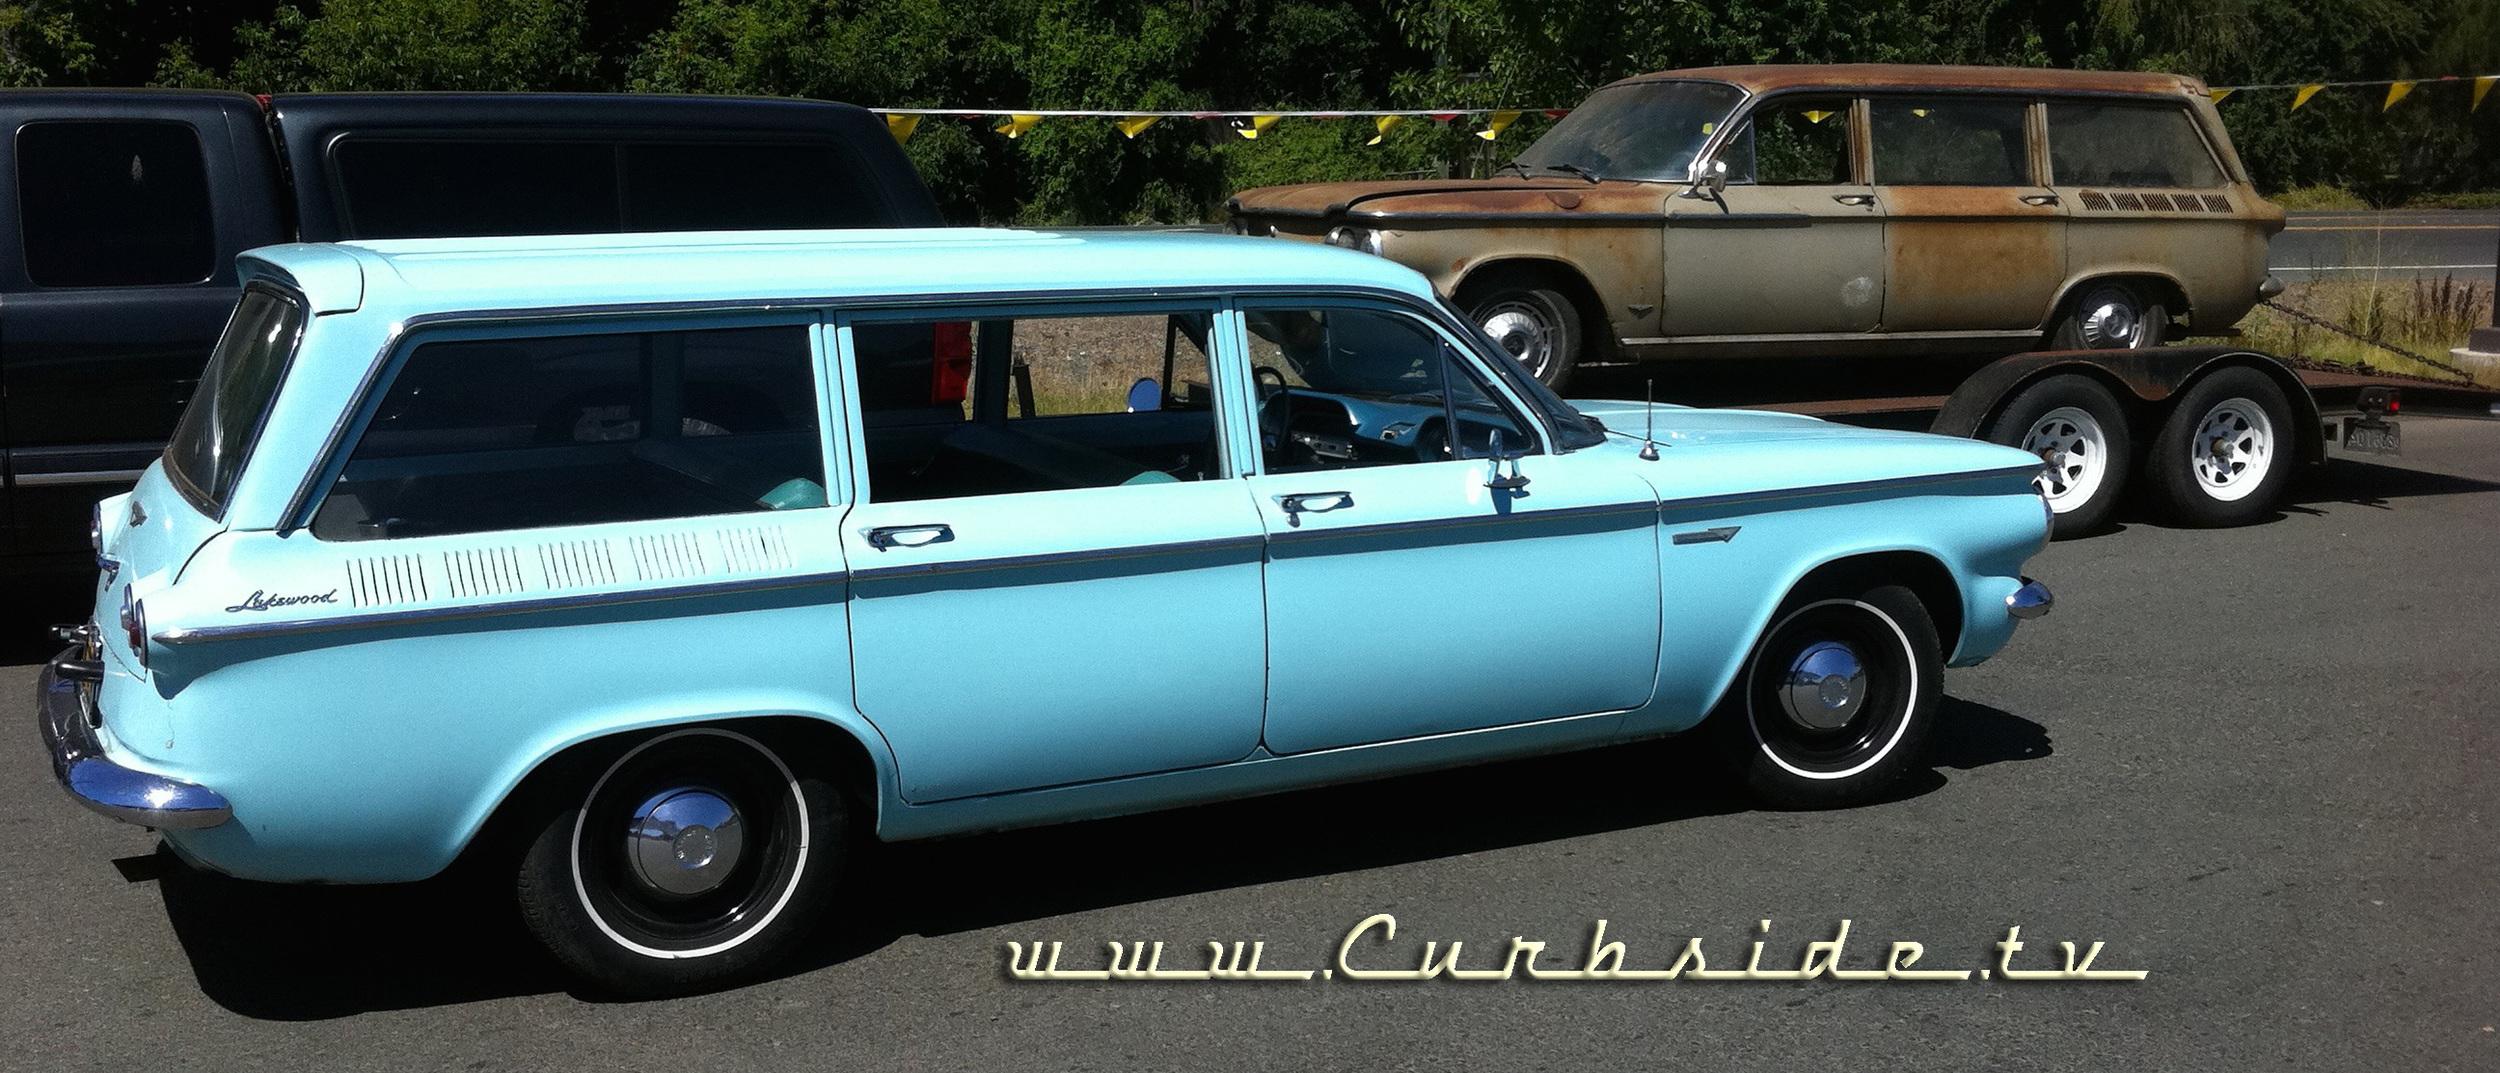 1961 Corvair Lakewood wagon and 1962 Corvair 900 Wagon